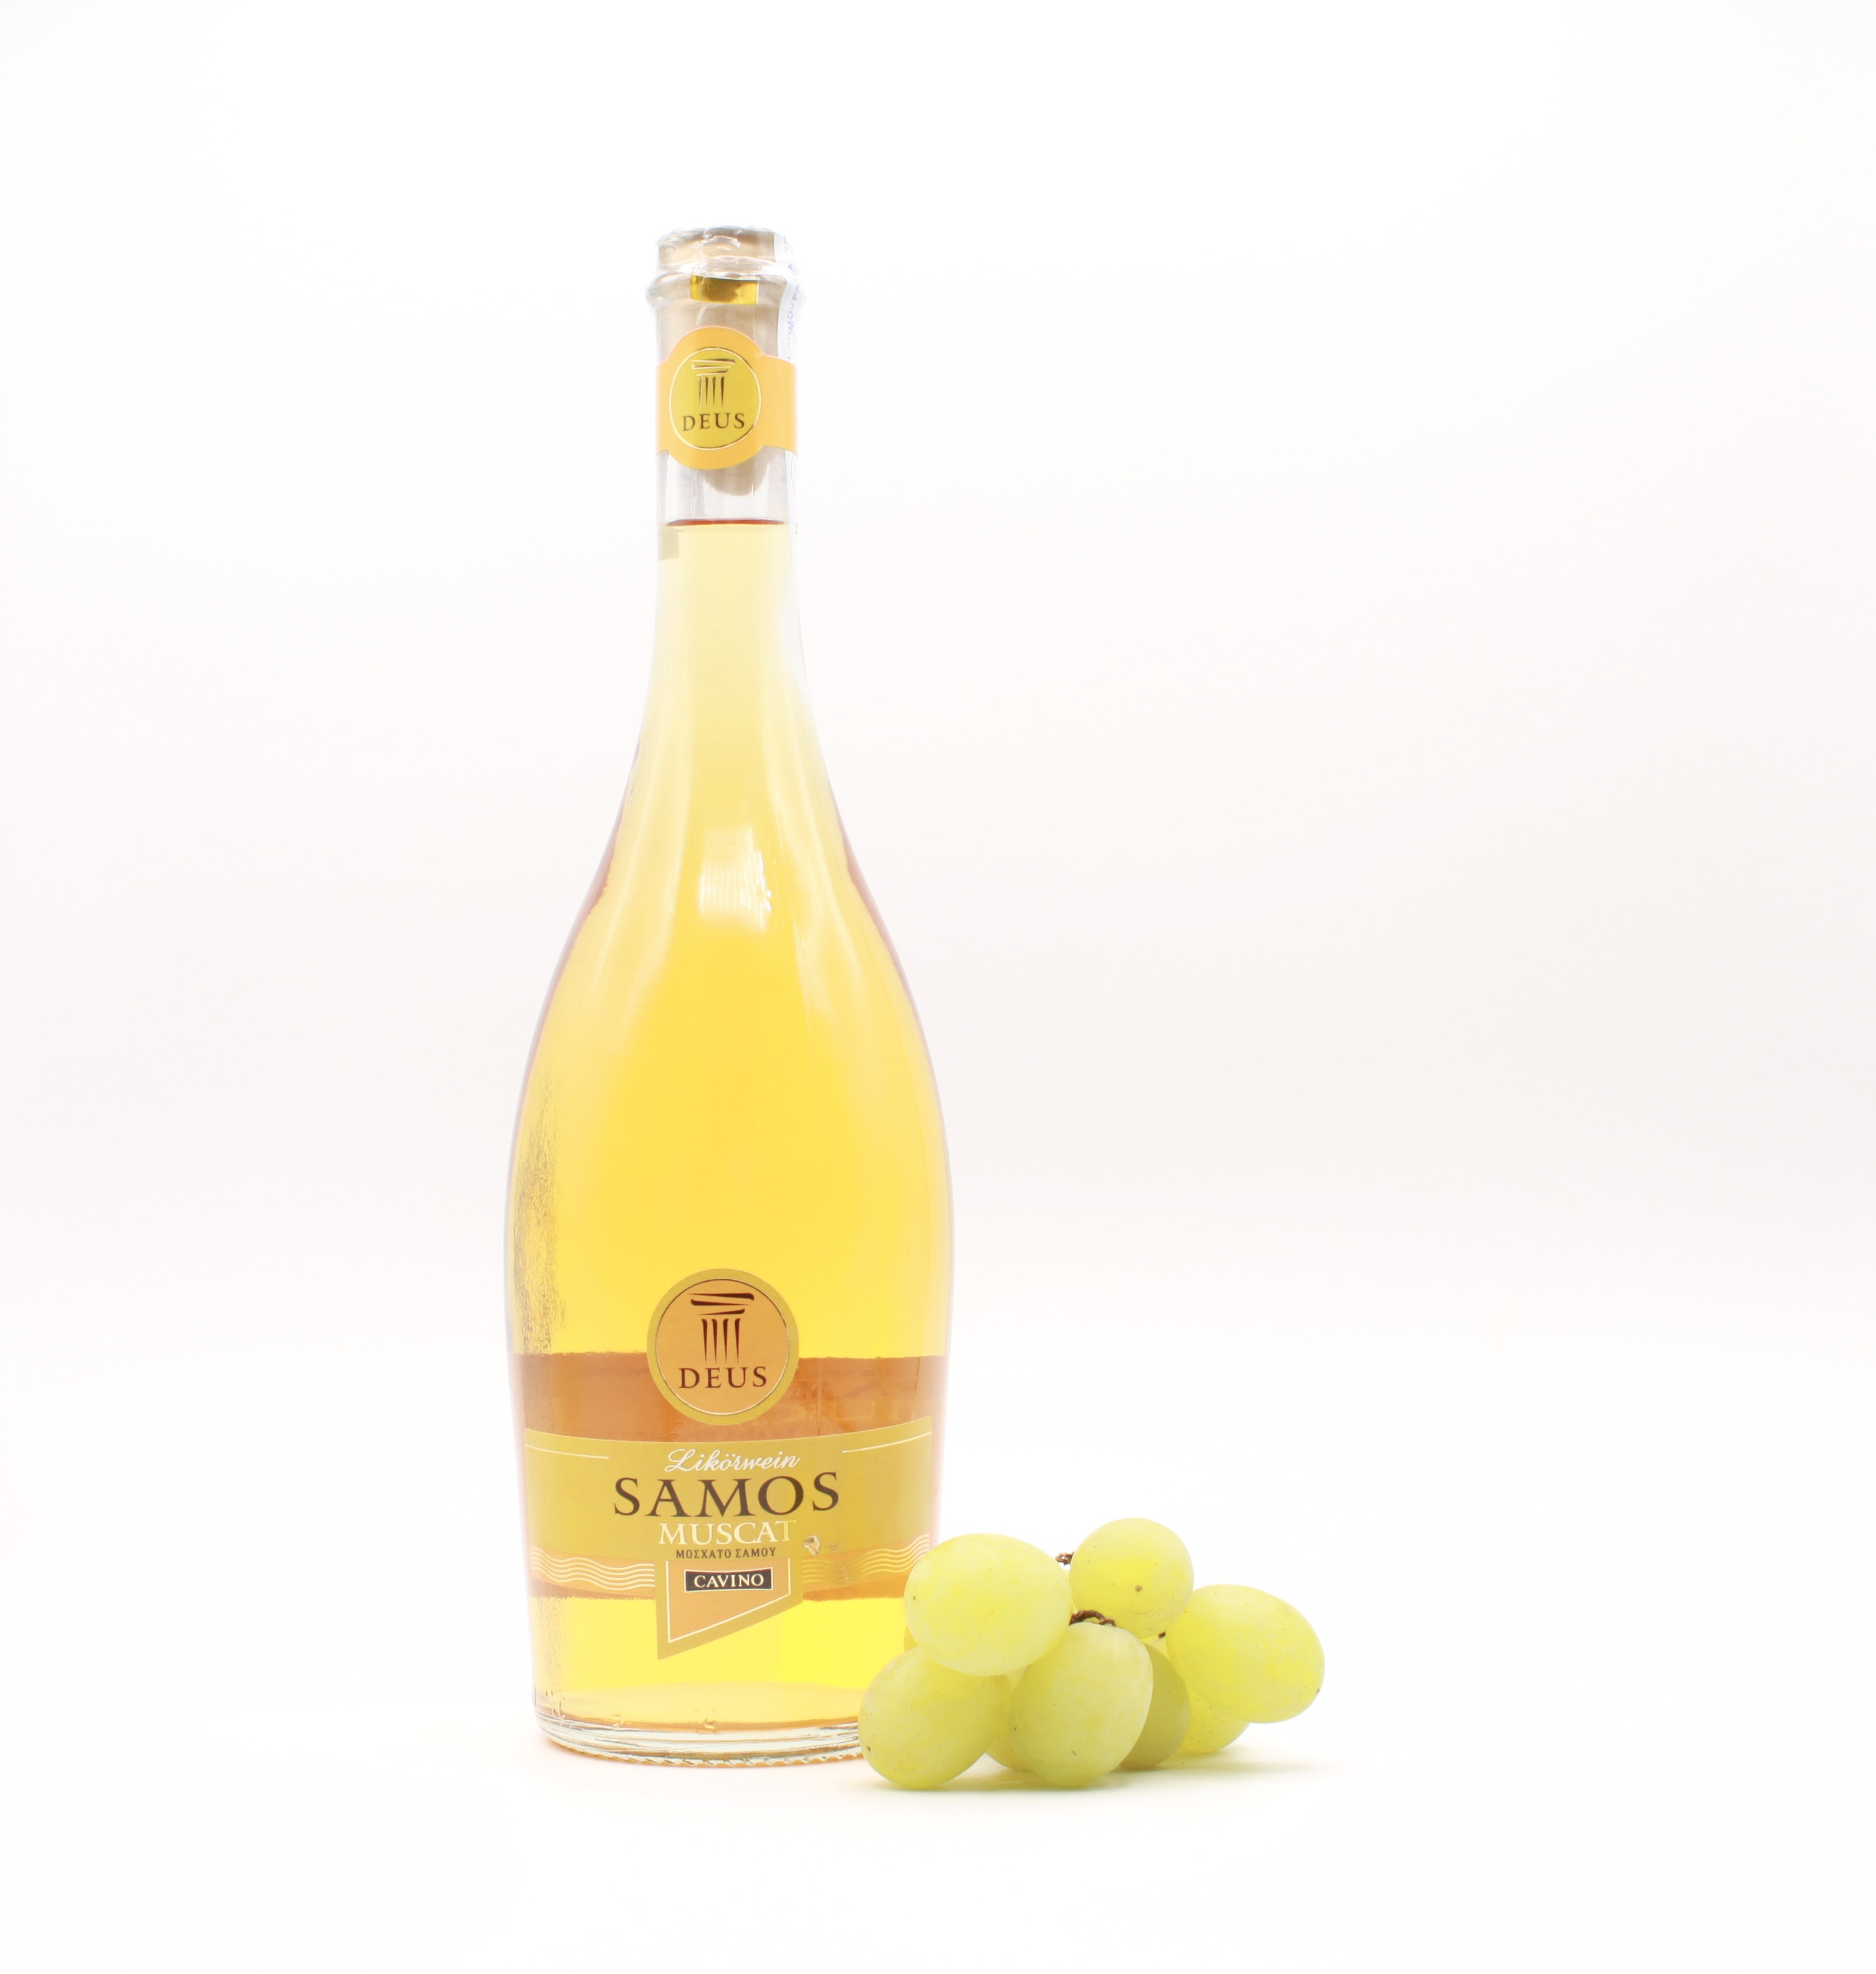 Cavino Deus Samos Muskat Likörwein süß 0,75l